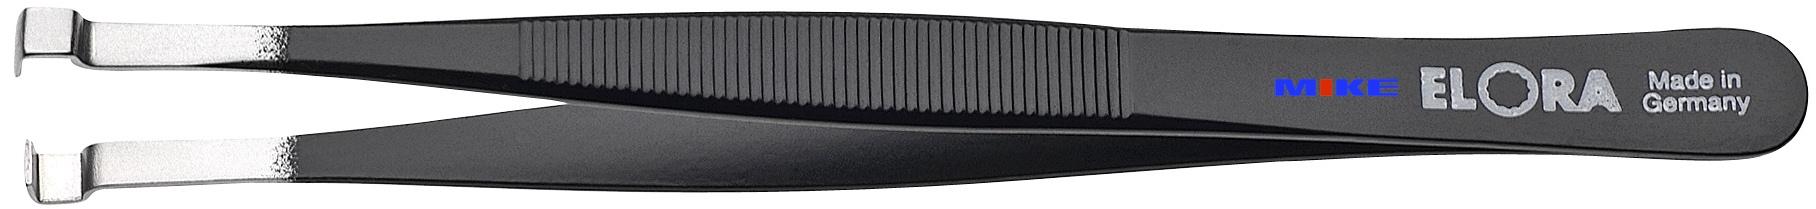 5200 STE nhíp mũi lòng mo vuông, chống tĩnh điện